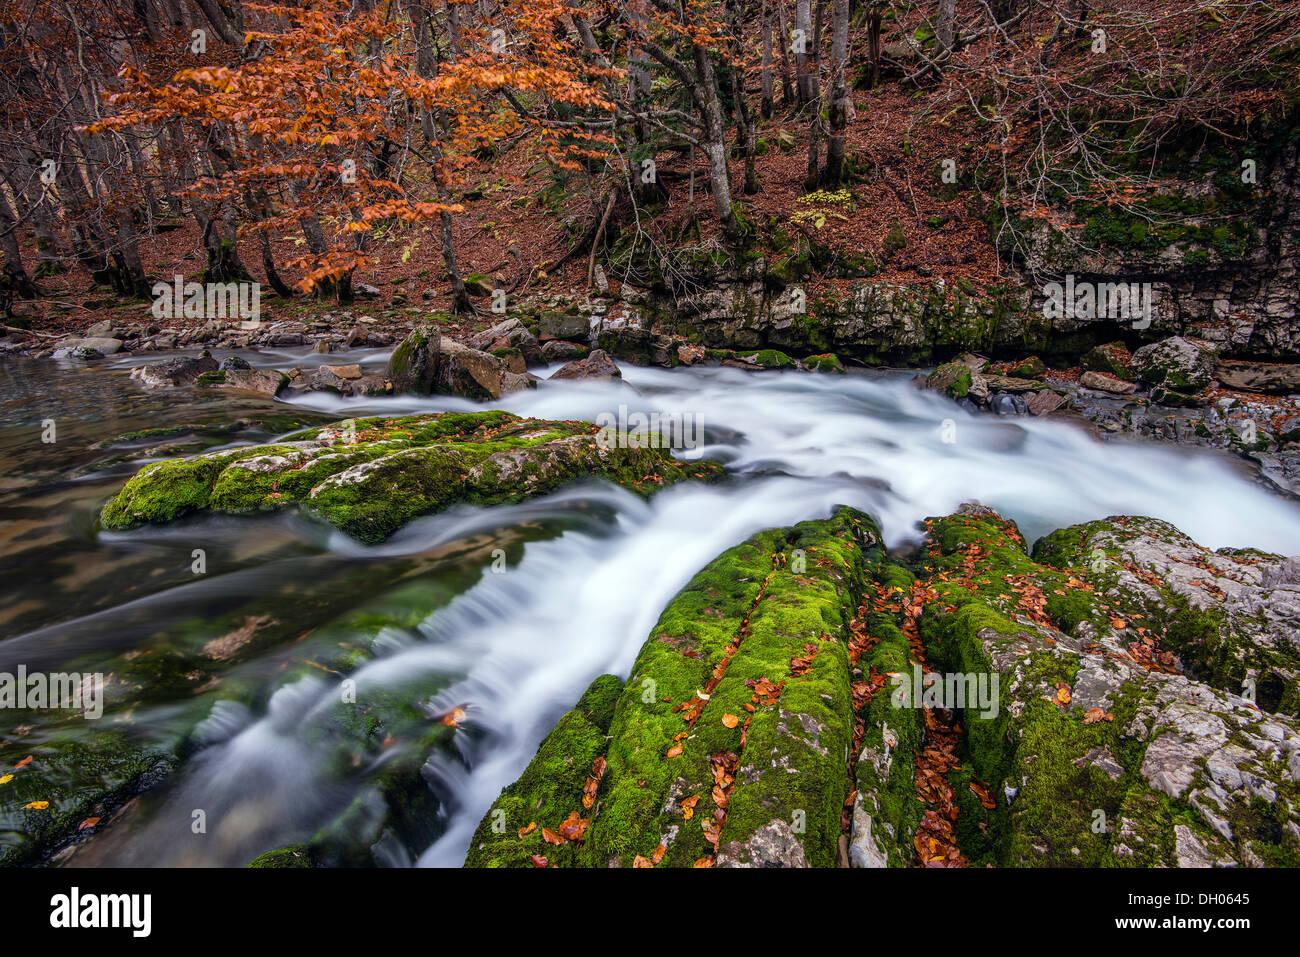 El colorido paisaje de otoño con desenfoque de movimiento río de montaña, el Parque Nacional de Ordesa y Monte Perdido, Huesca, Aragón, España Imagen De Stock